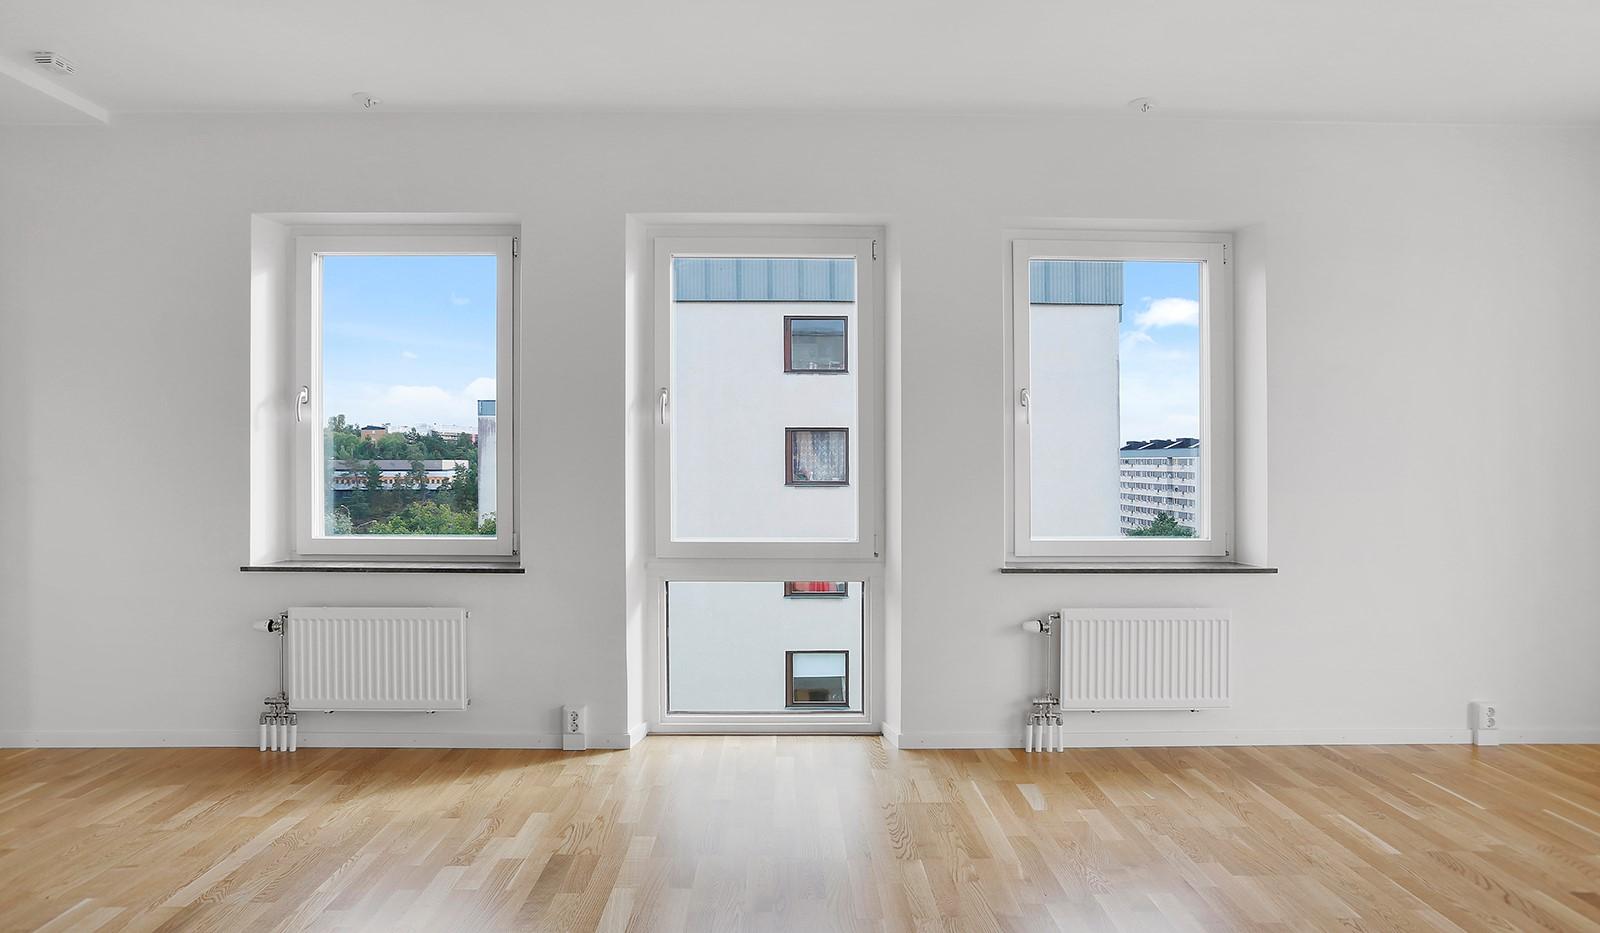 Ålgrytevägen 29B, 6tr - Fin ljusinsläpp fr kök & vardagsrummet